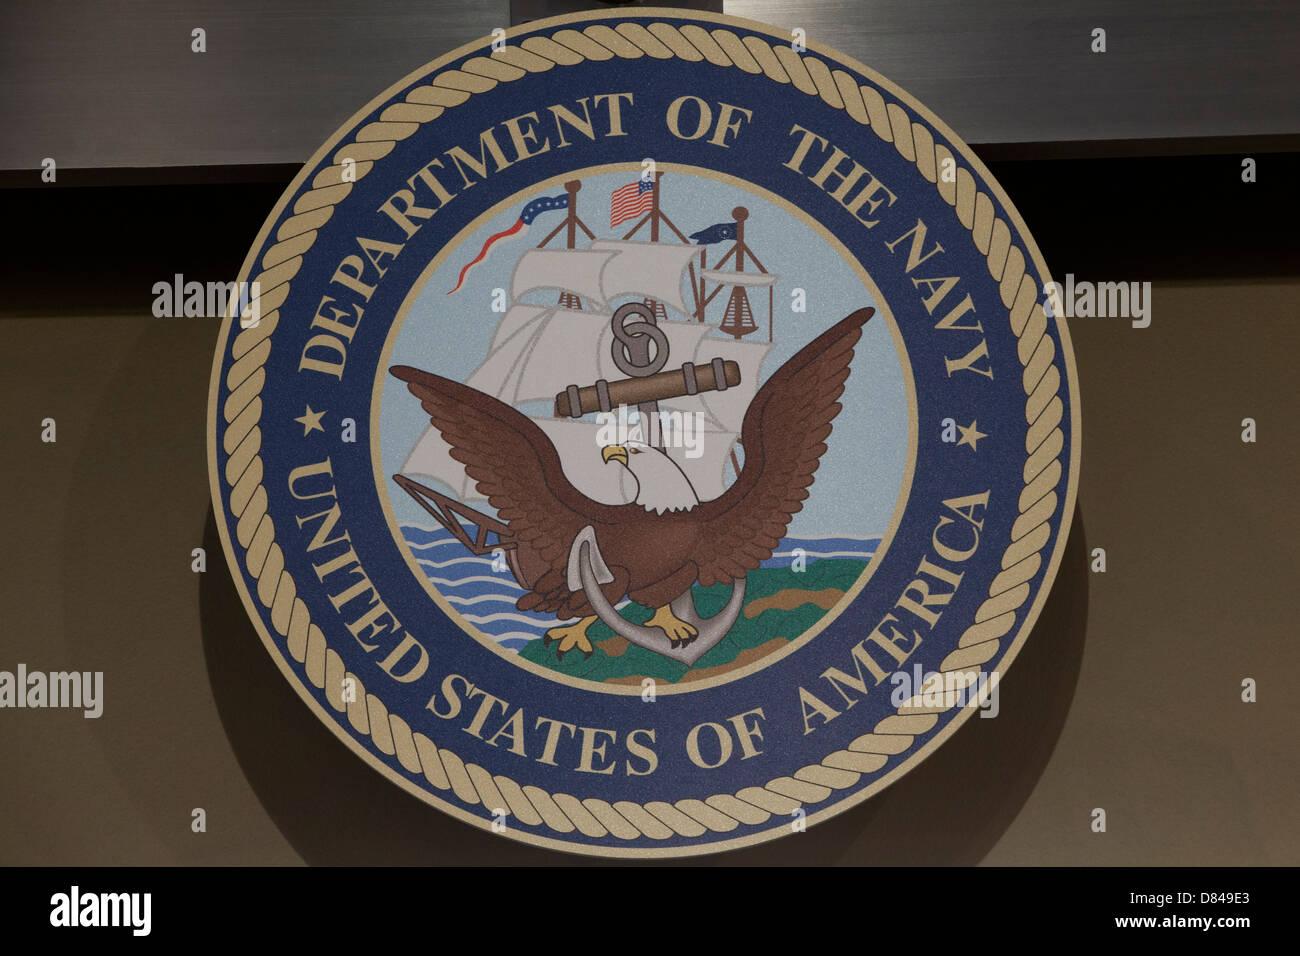 Datierung eines Ex-Navy-Siegels